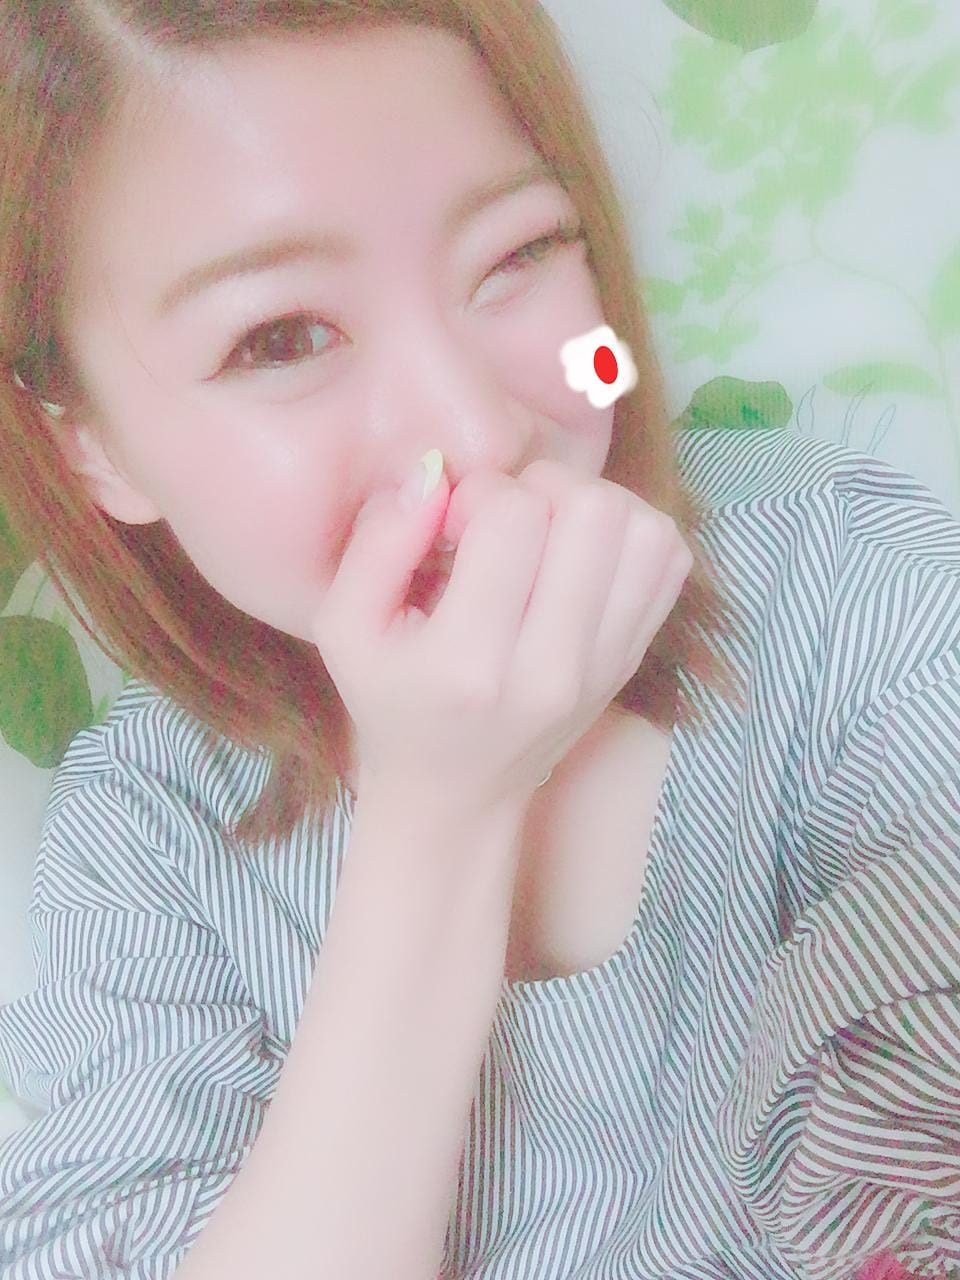 「Wカップ始まるよー!」06/25日(月) 00:02 | CHIEの写メ・風俗動画